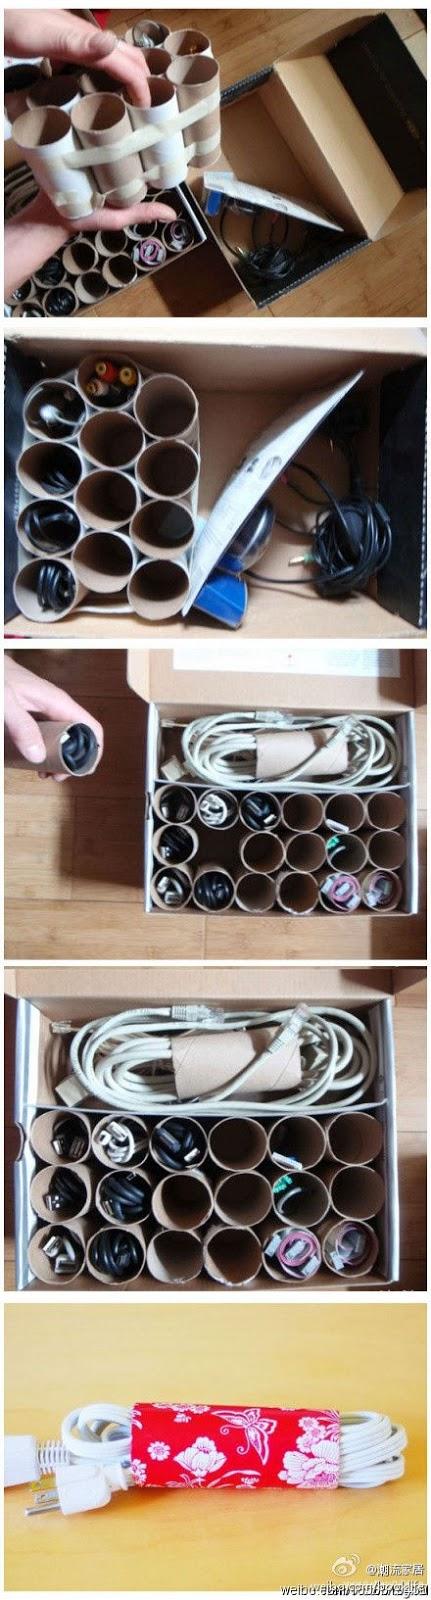 Ordena los cables como se merecen